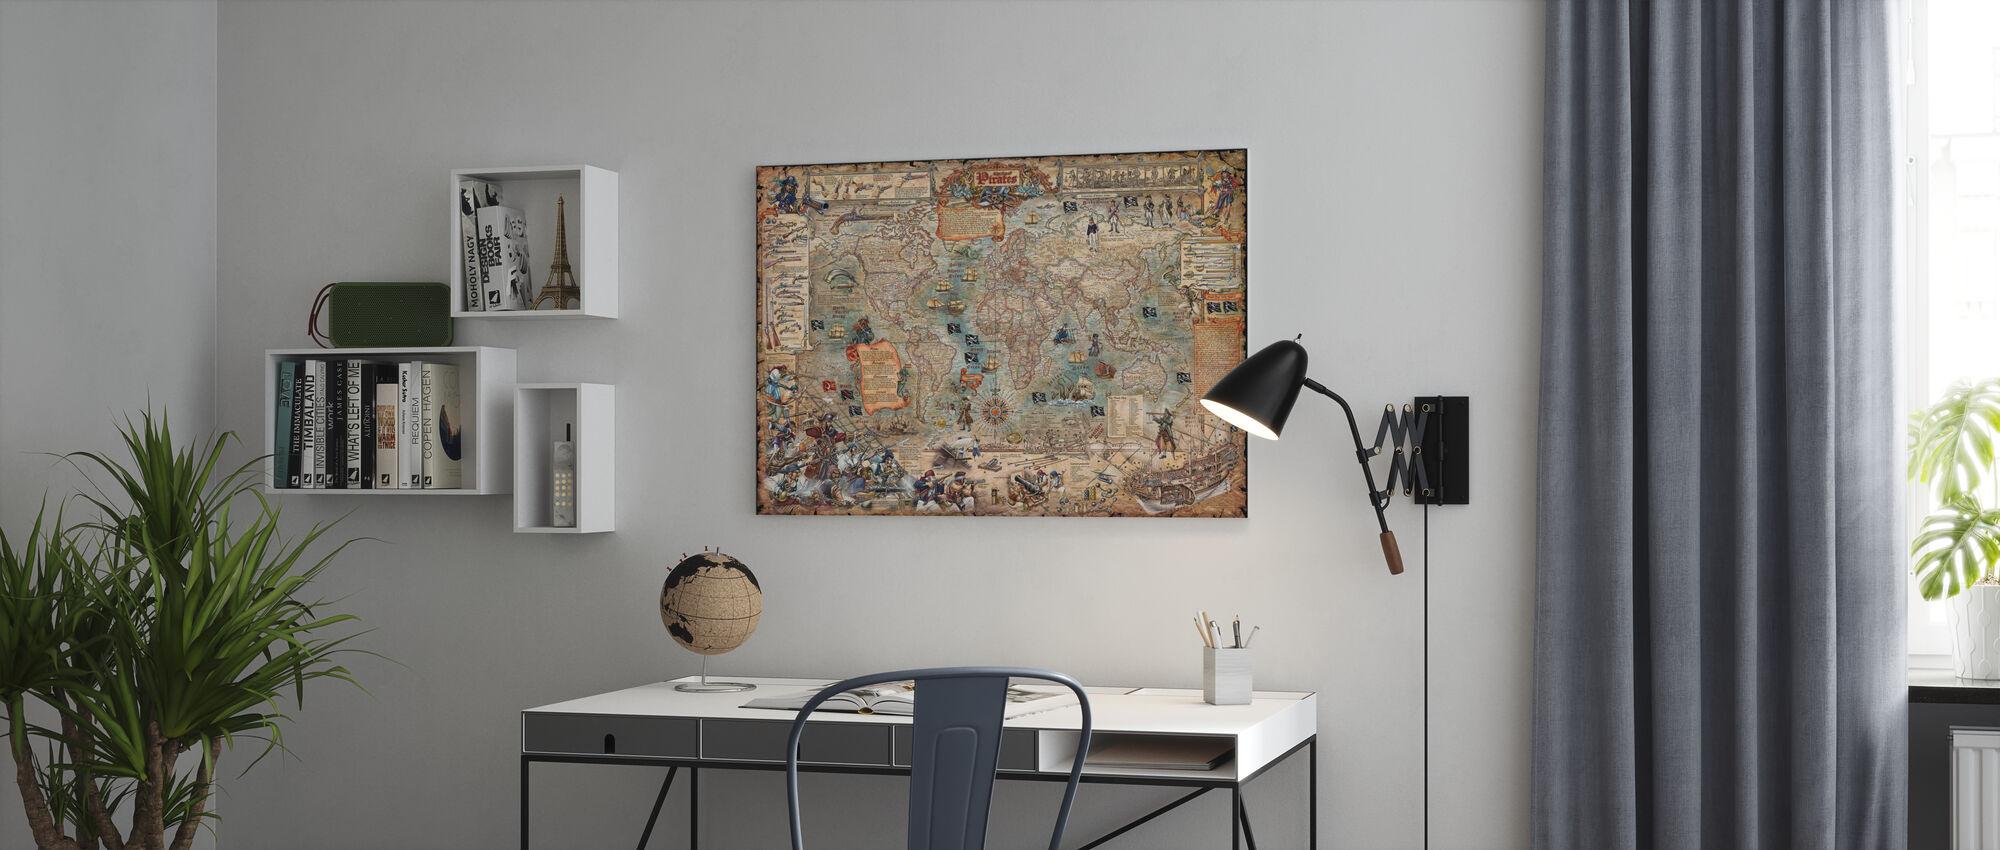 Pirate Kaart - Canvas print - Kantoor